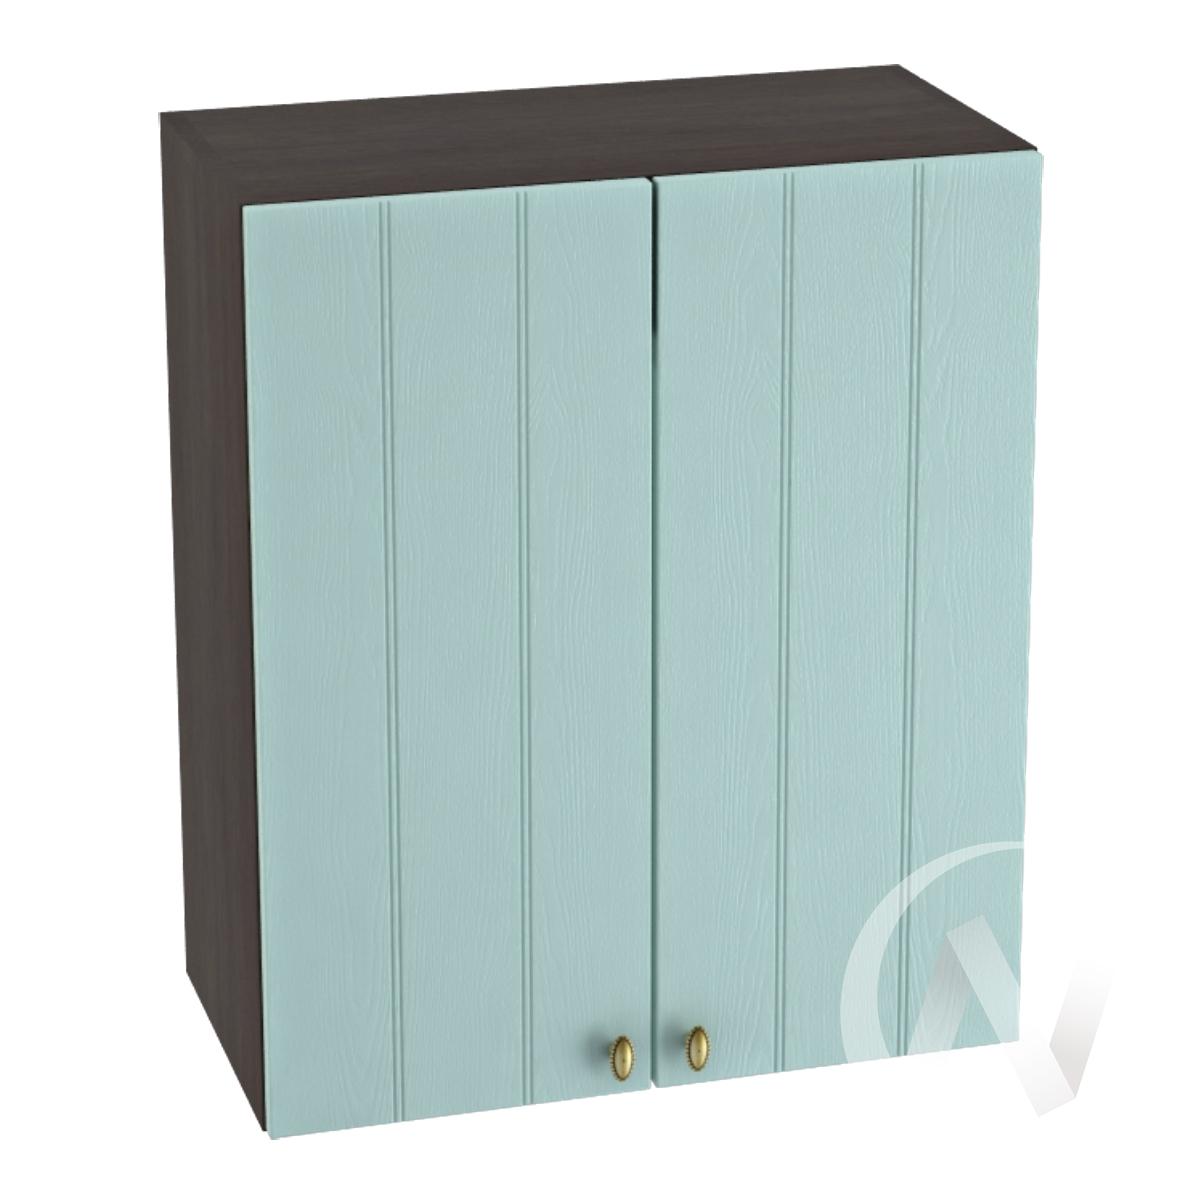 """Кухня """"Прованс"""": Шкаф верхний 600, ШВ 600 новый (голубой/корпус венге)"""